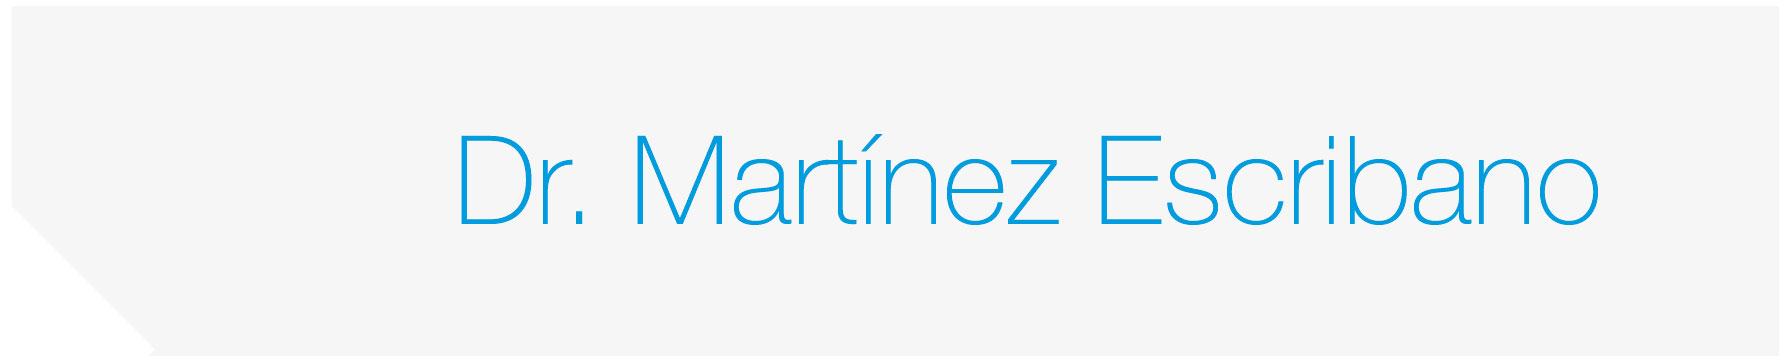 dr-martinez-escribano